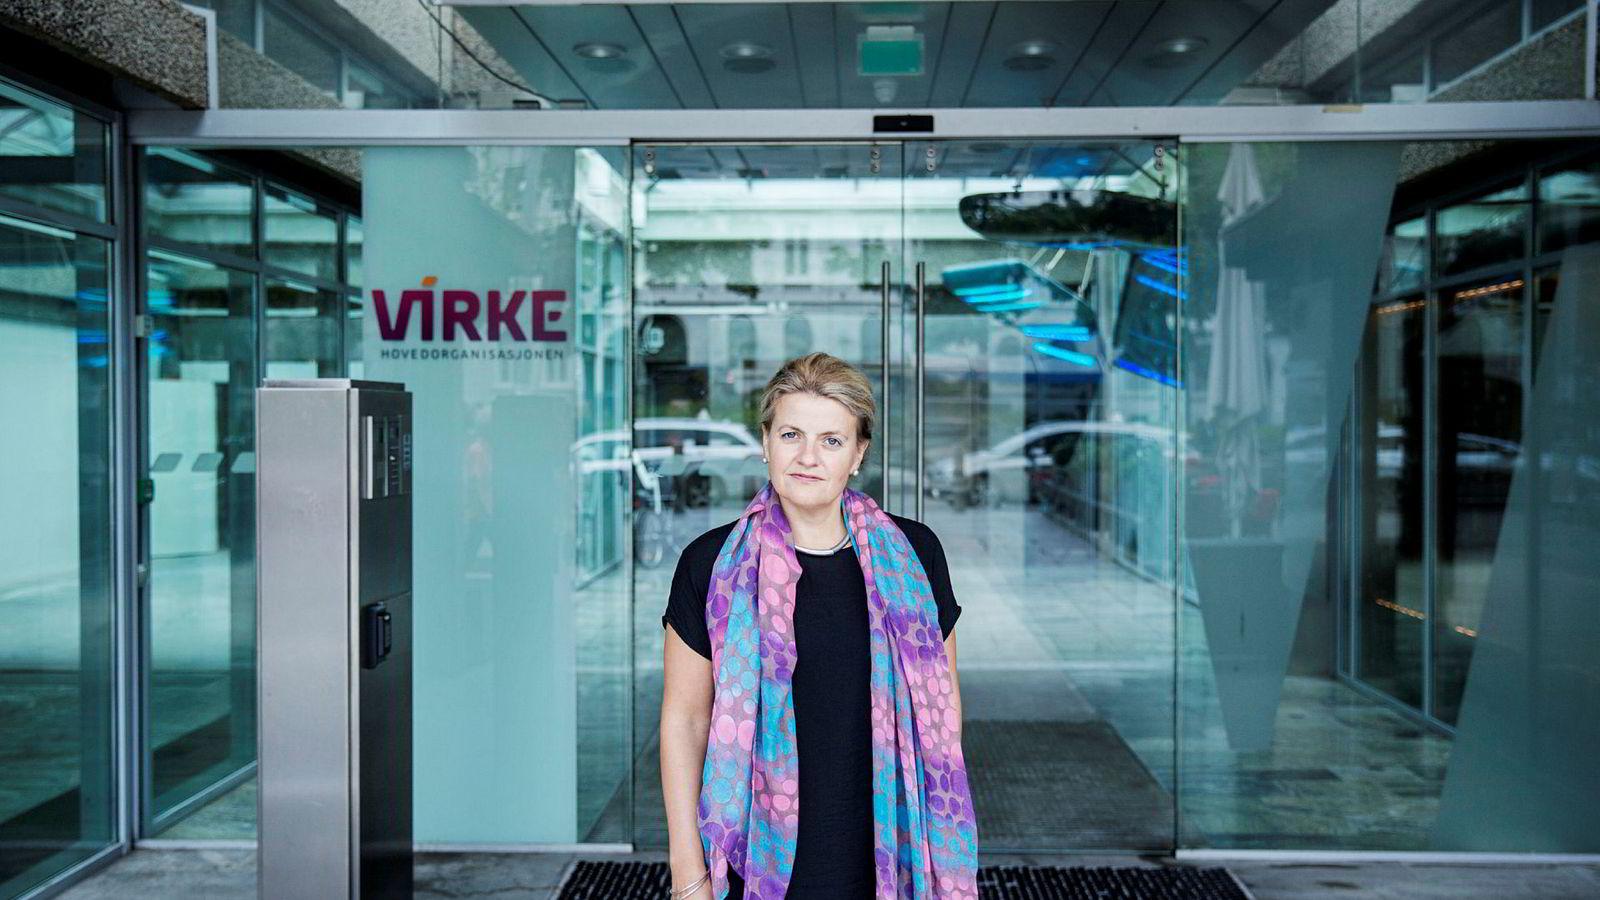 Skralt og skadelig Høyre-forslag om pensjonsalder. Det mener Inger Lise Blyverket, direktør for forhandlinger og arbeidslivspolitikk i Virke.